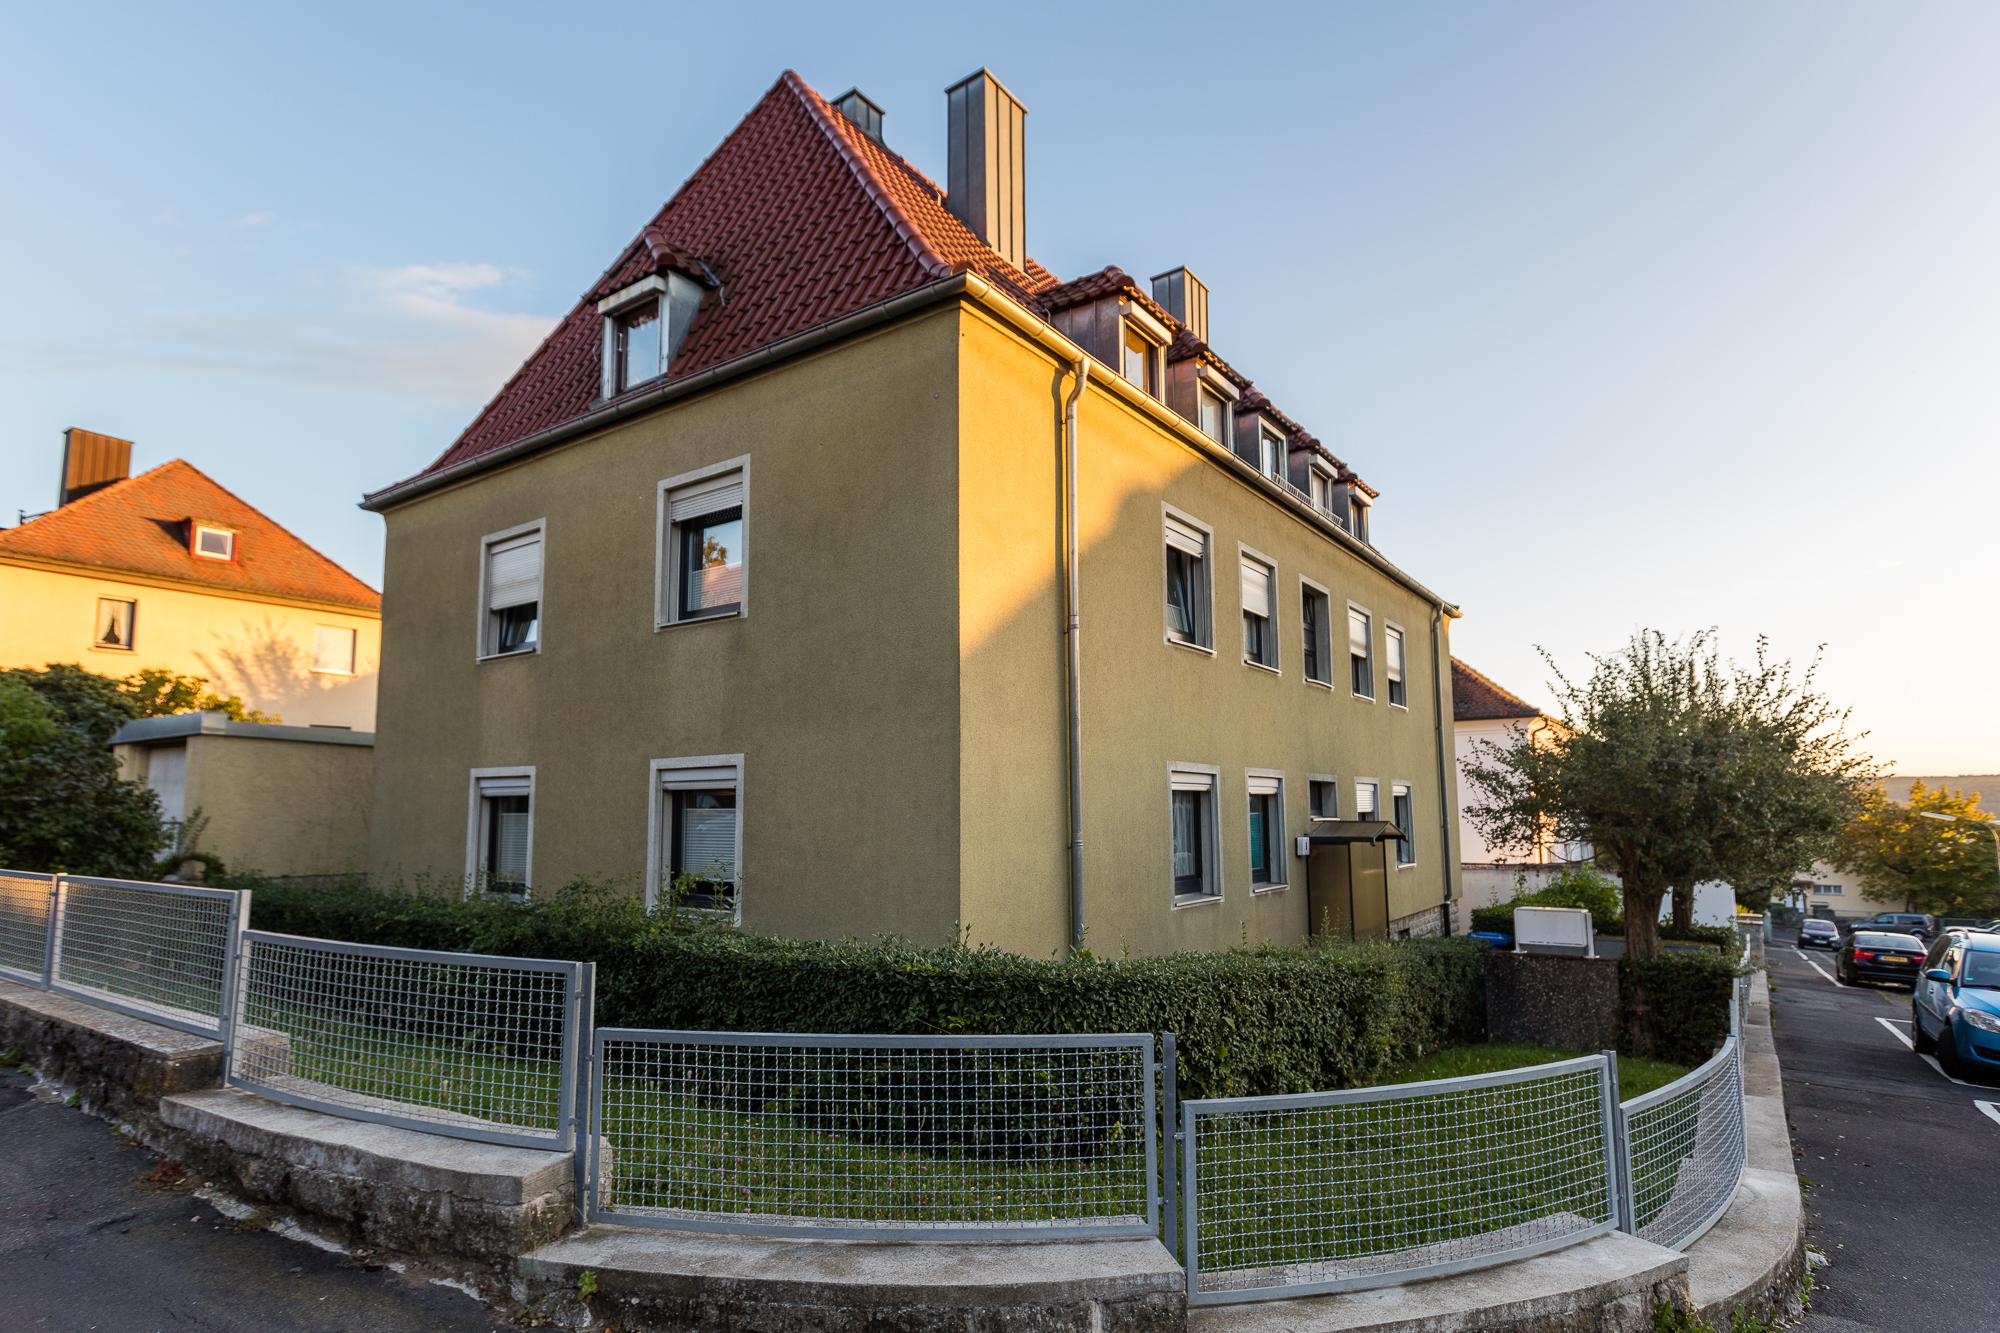 Frauenland_klein-15